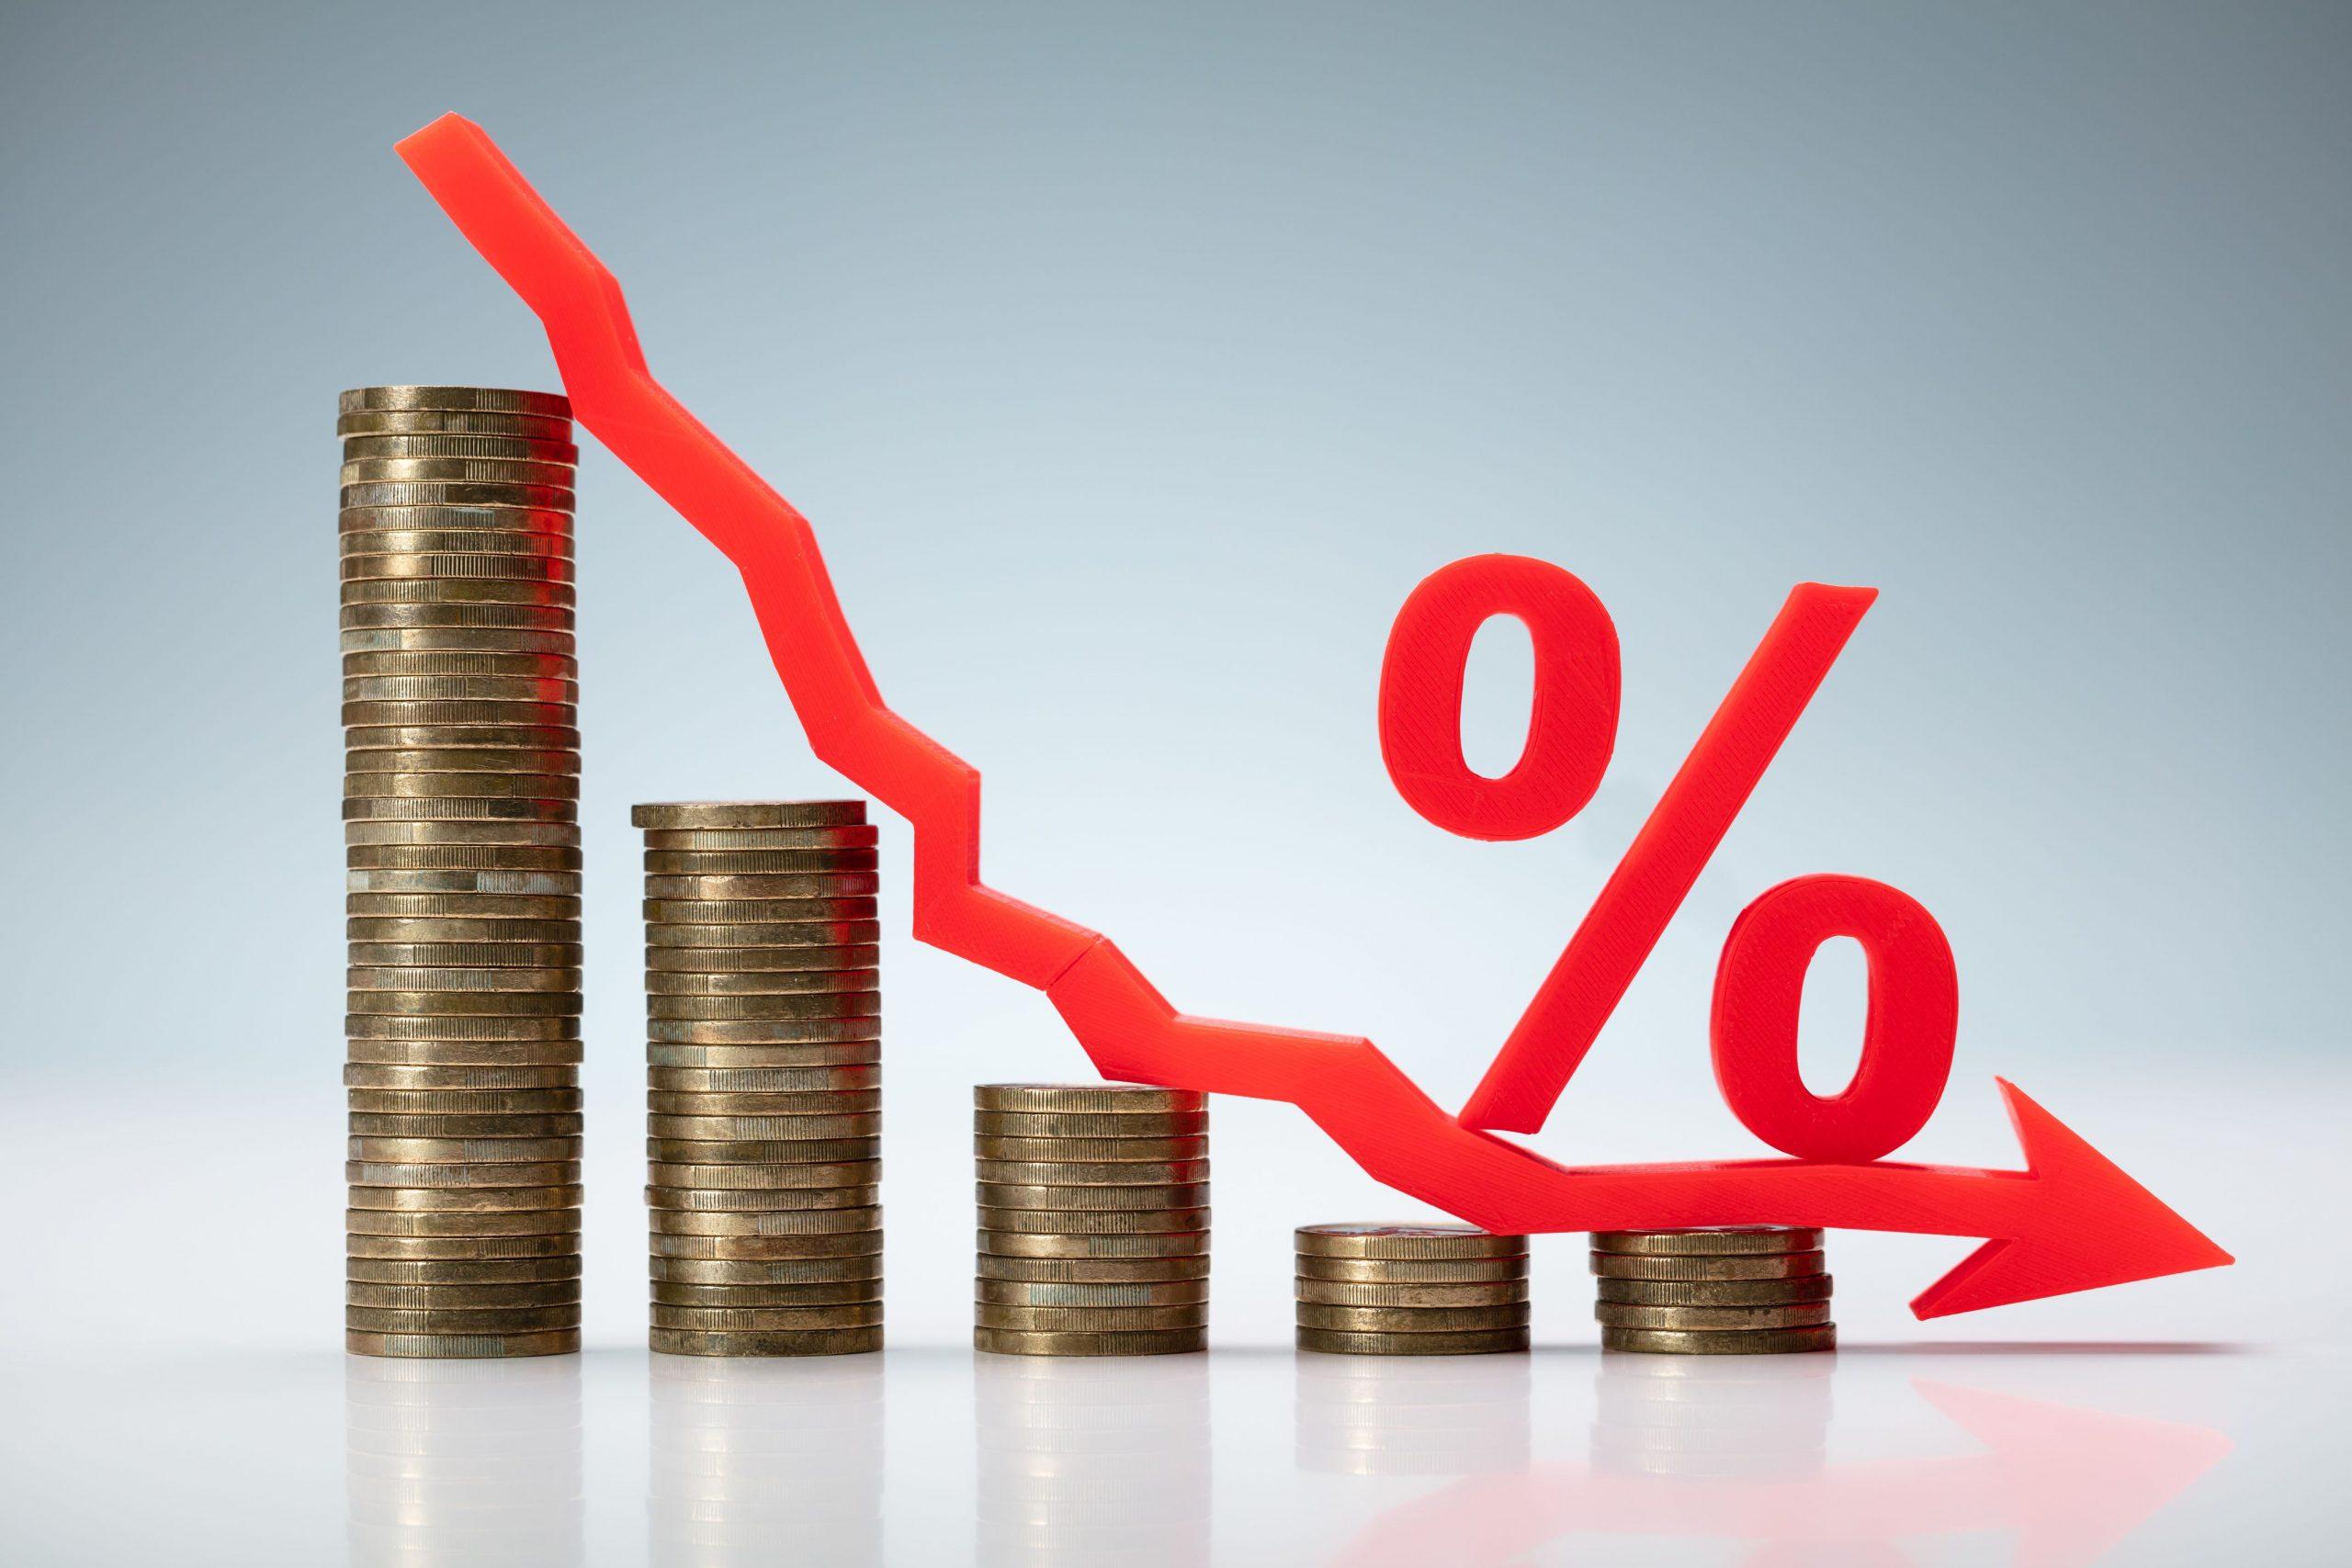 Comparez Les Meilleurs Taux Hypothecaires 2020 Au Quebec